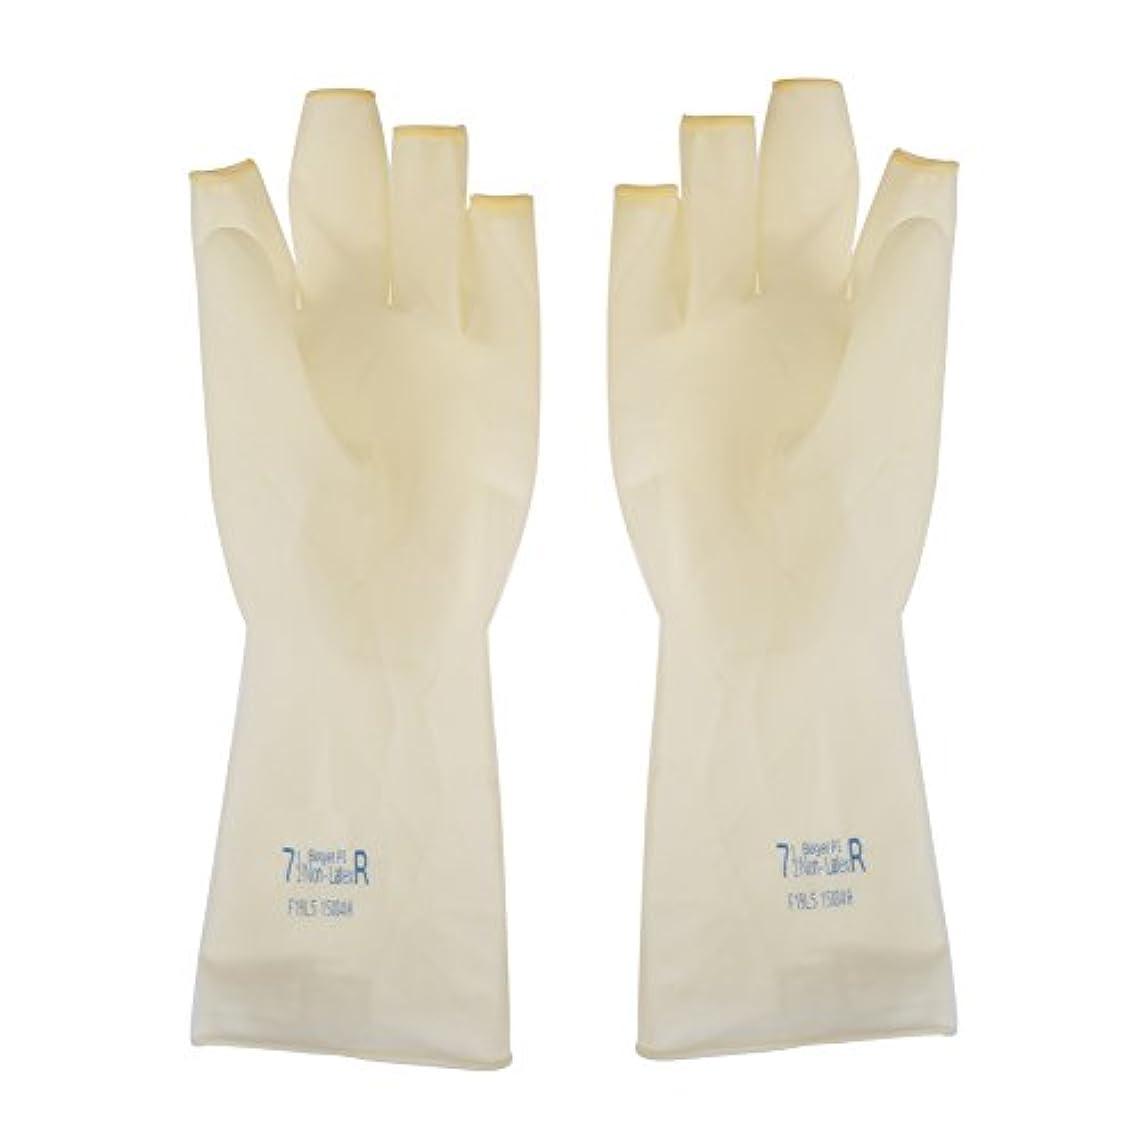 物理乳白色結論AEdiea 1ペア ゴム手袋   毛染め手袋 使い捨て 弾性 伸縮性 ヘアサロン サロンツール (M)